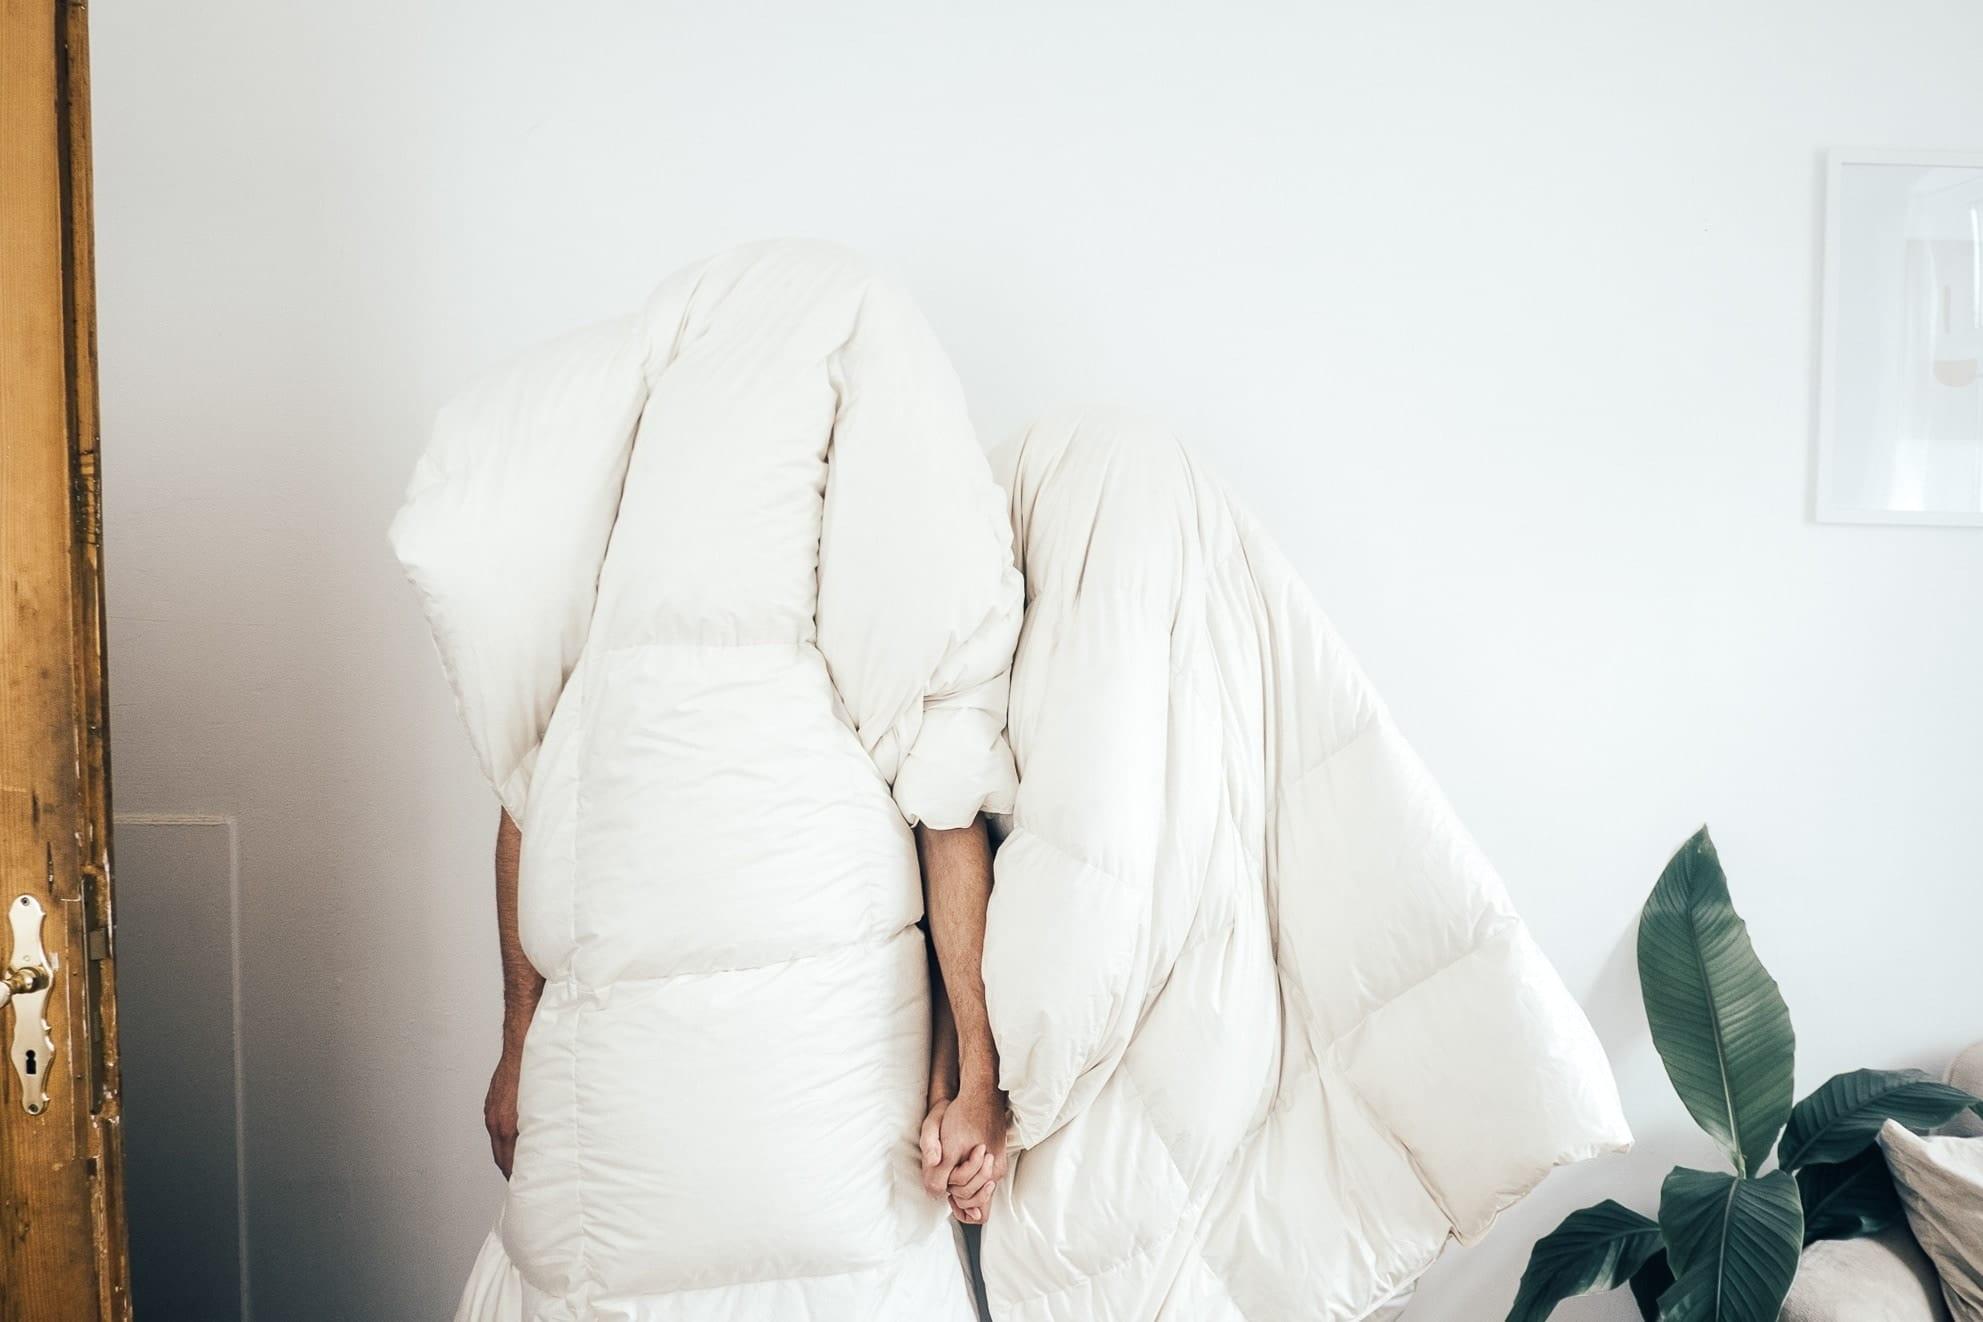 Zwei Personen haben jeweils eine Decke über den Kopf, die den gesamten Körper verdeckt und halten Hände